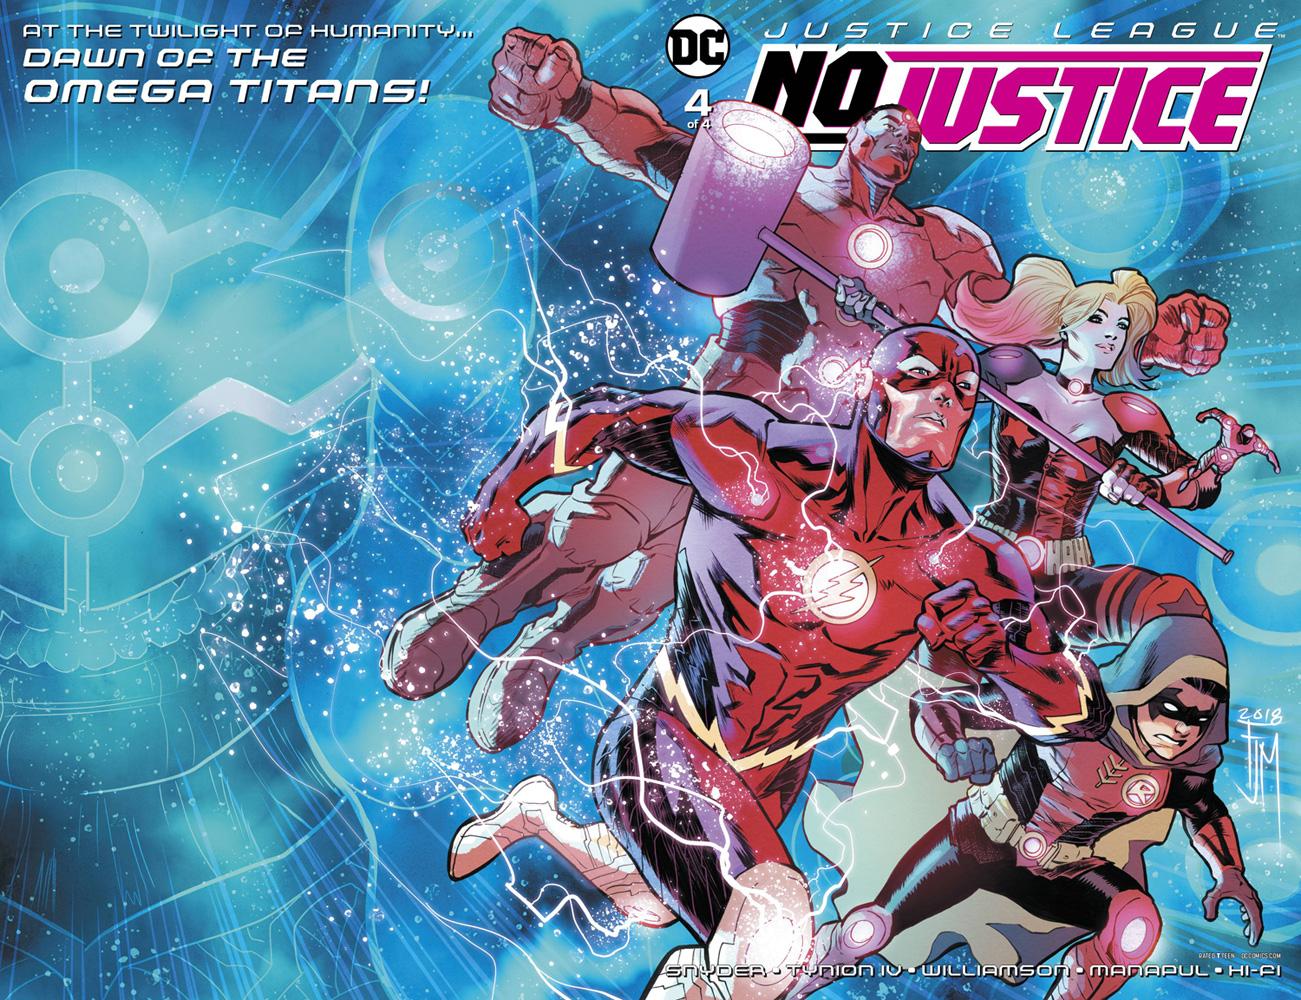 Justice League: No Justice #4  [2018] - DC Comics